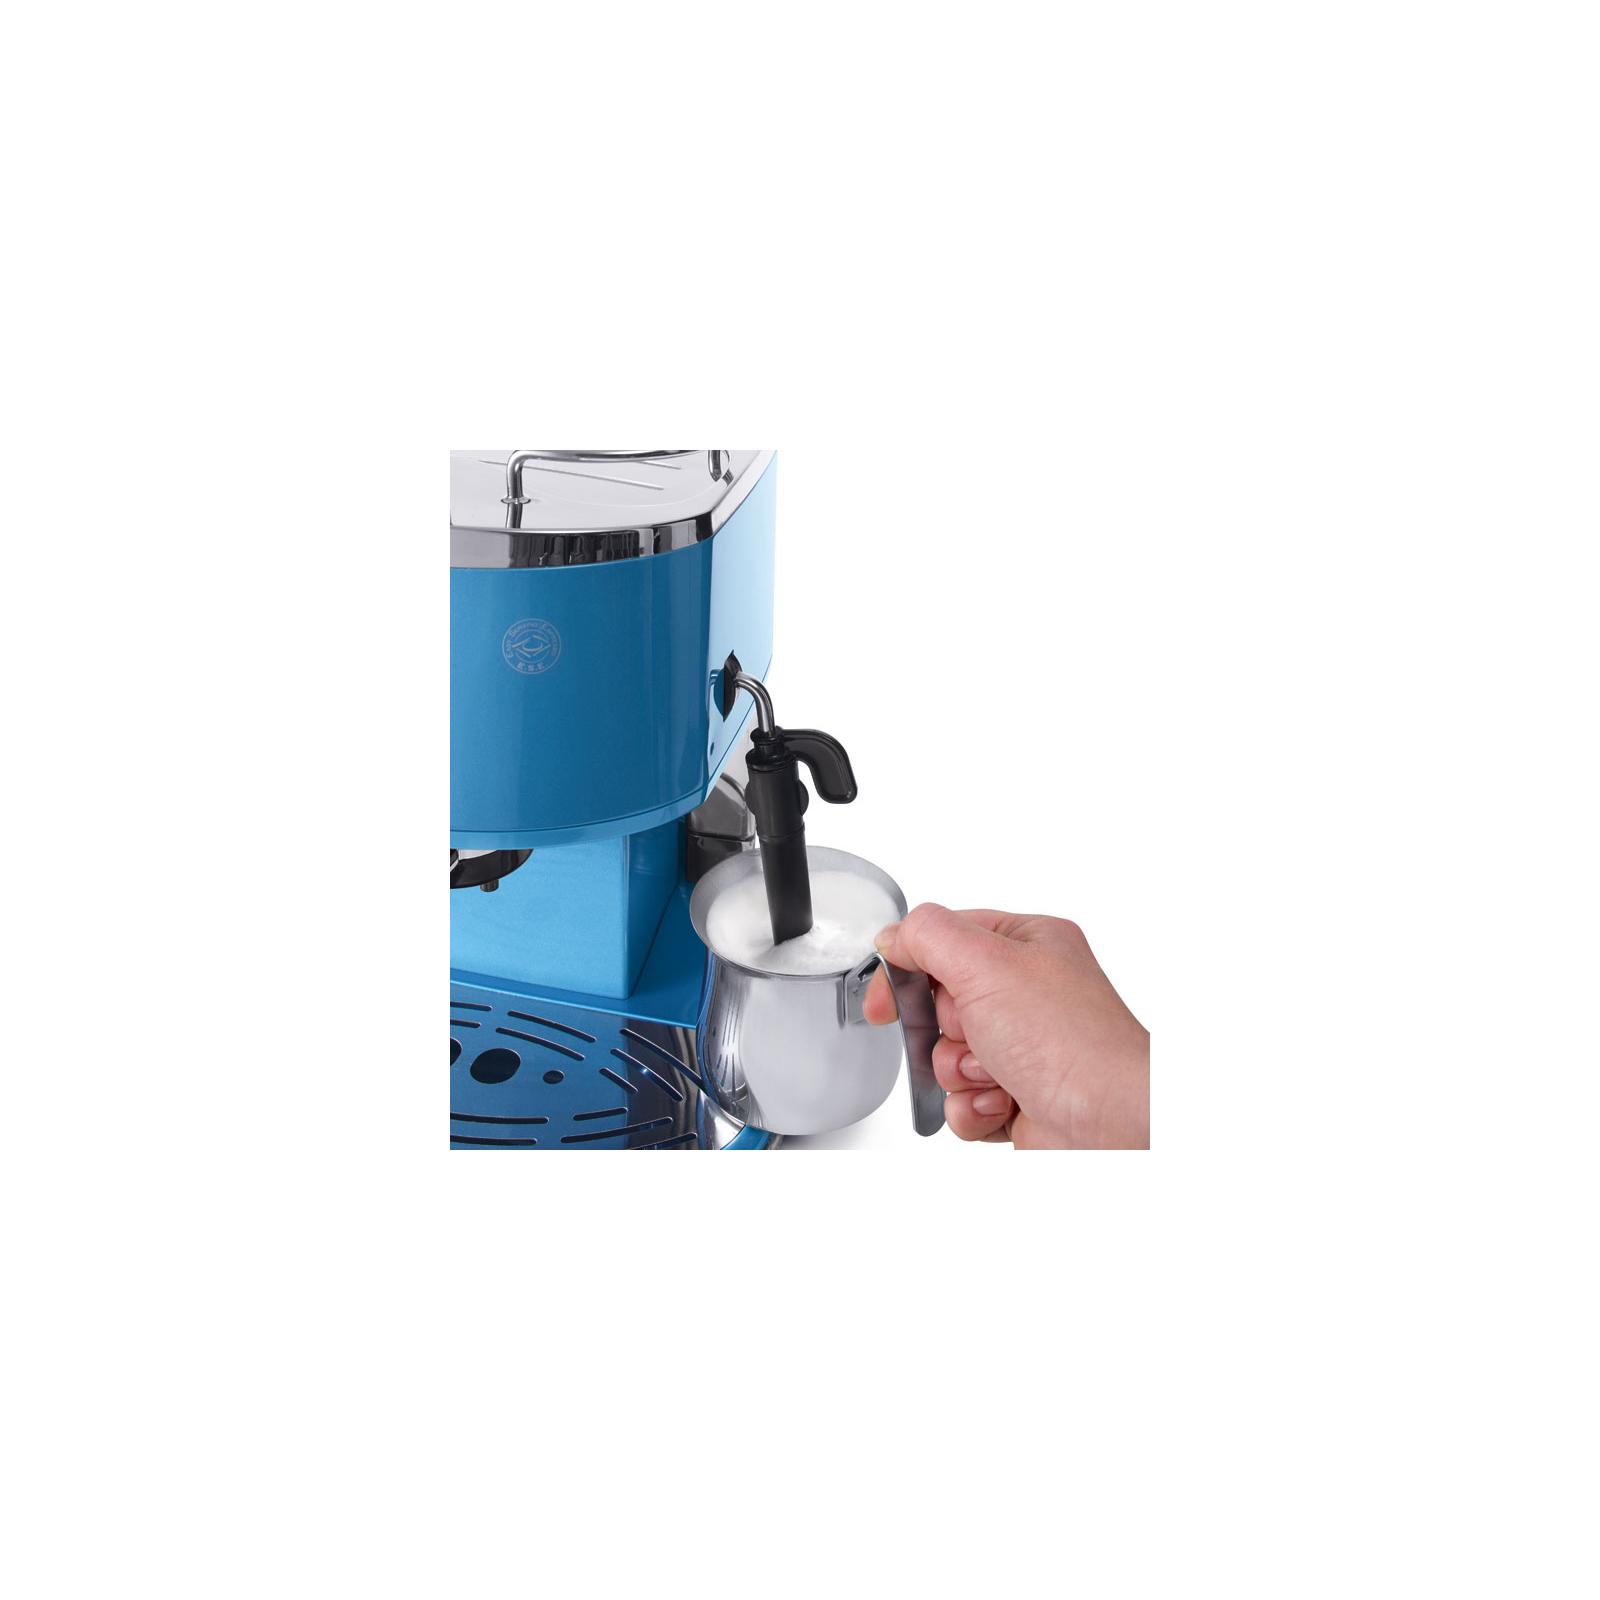 Кофеварка DeLonghi ECO 310.B (ECO310.B) изображение 2